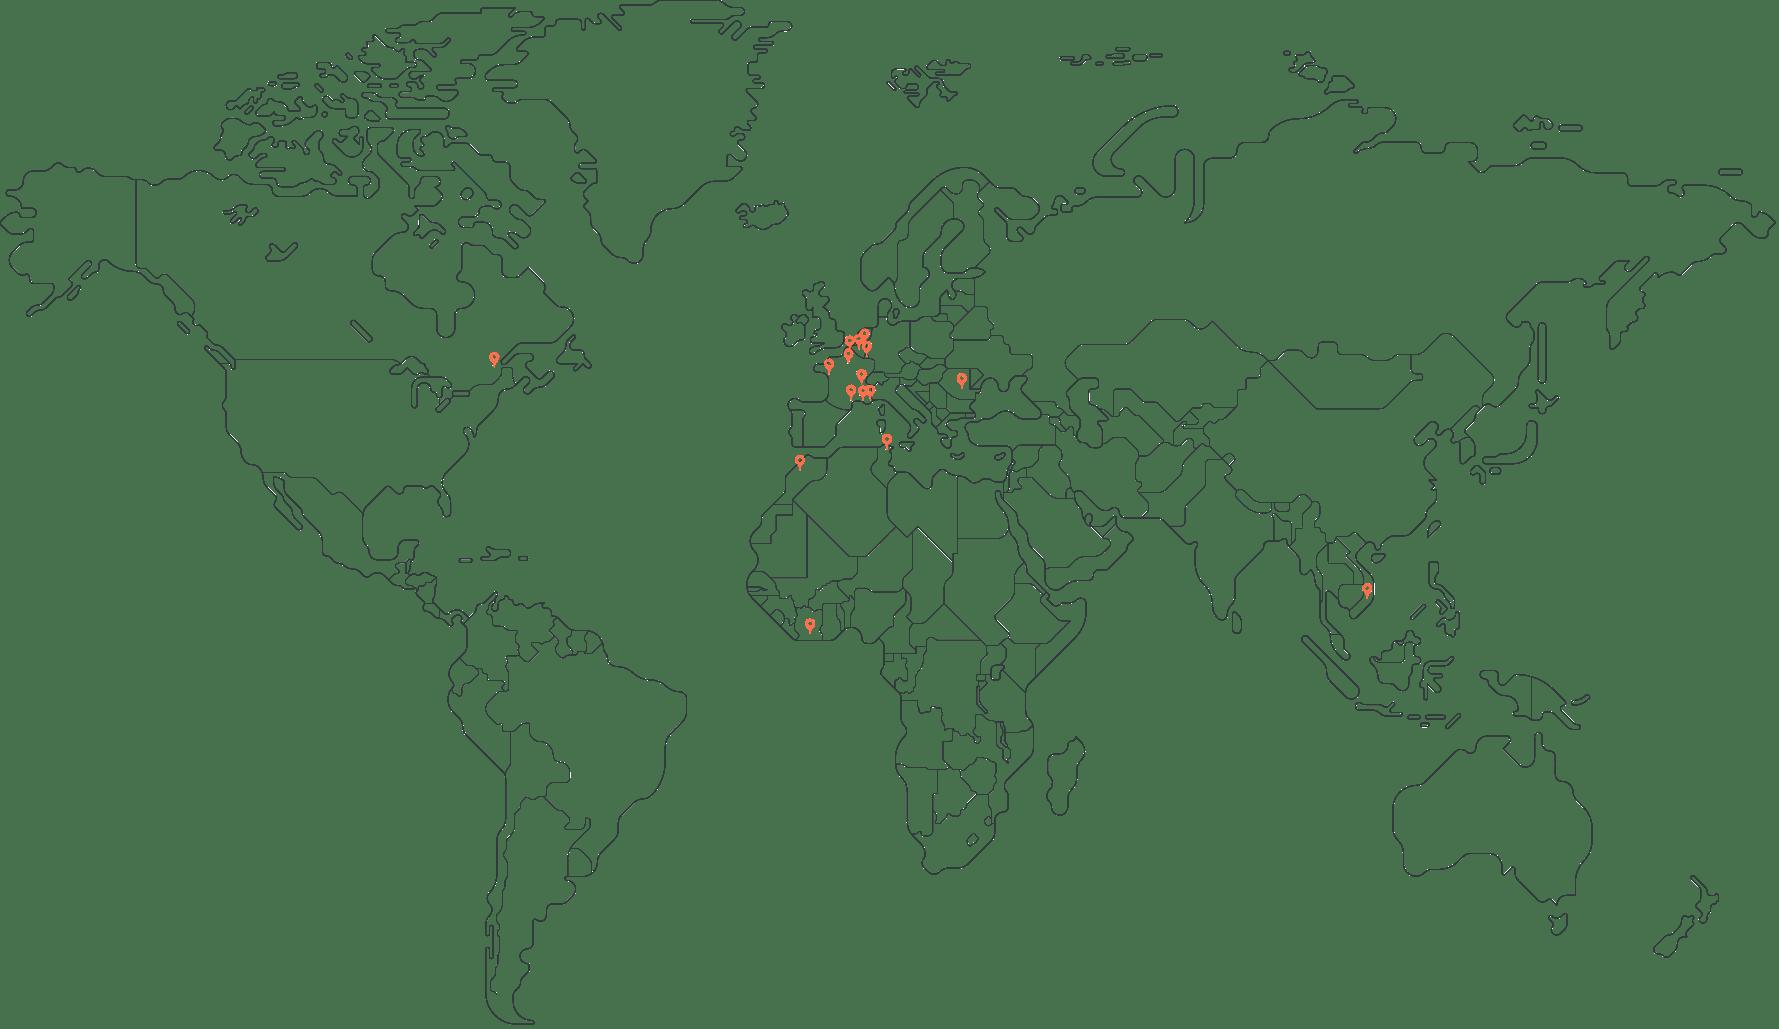 mappemonde qui renseigne la mobilité professionnelle des talents IT de cooptalis (Asie, Afrique, Amérique du nord, France)